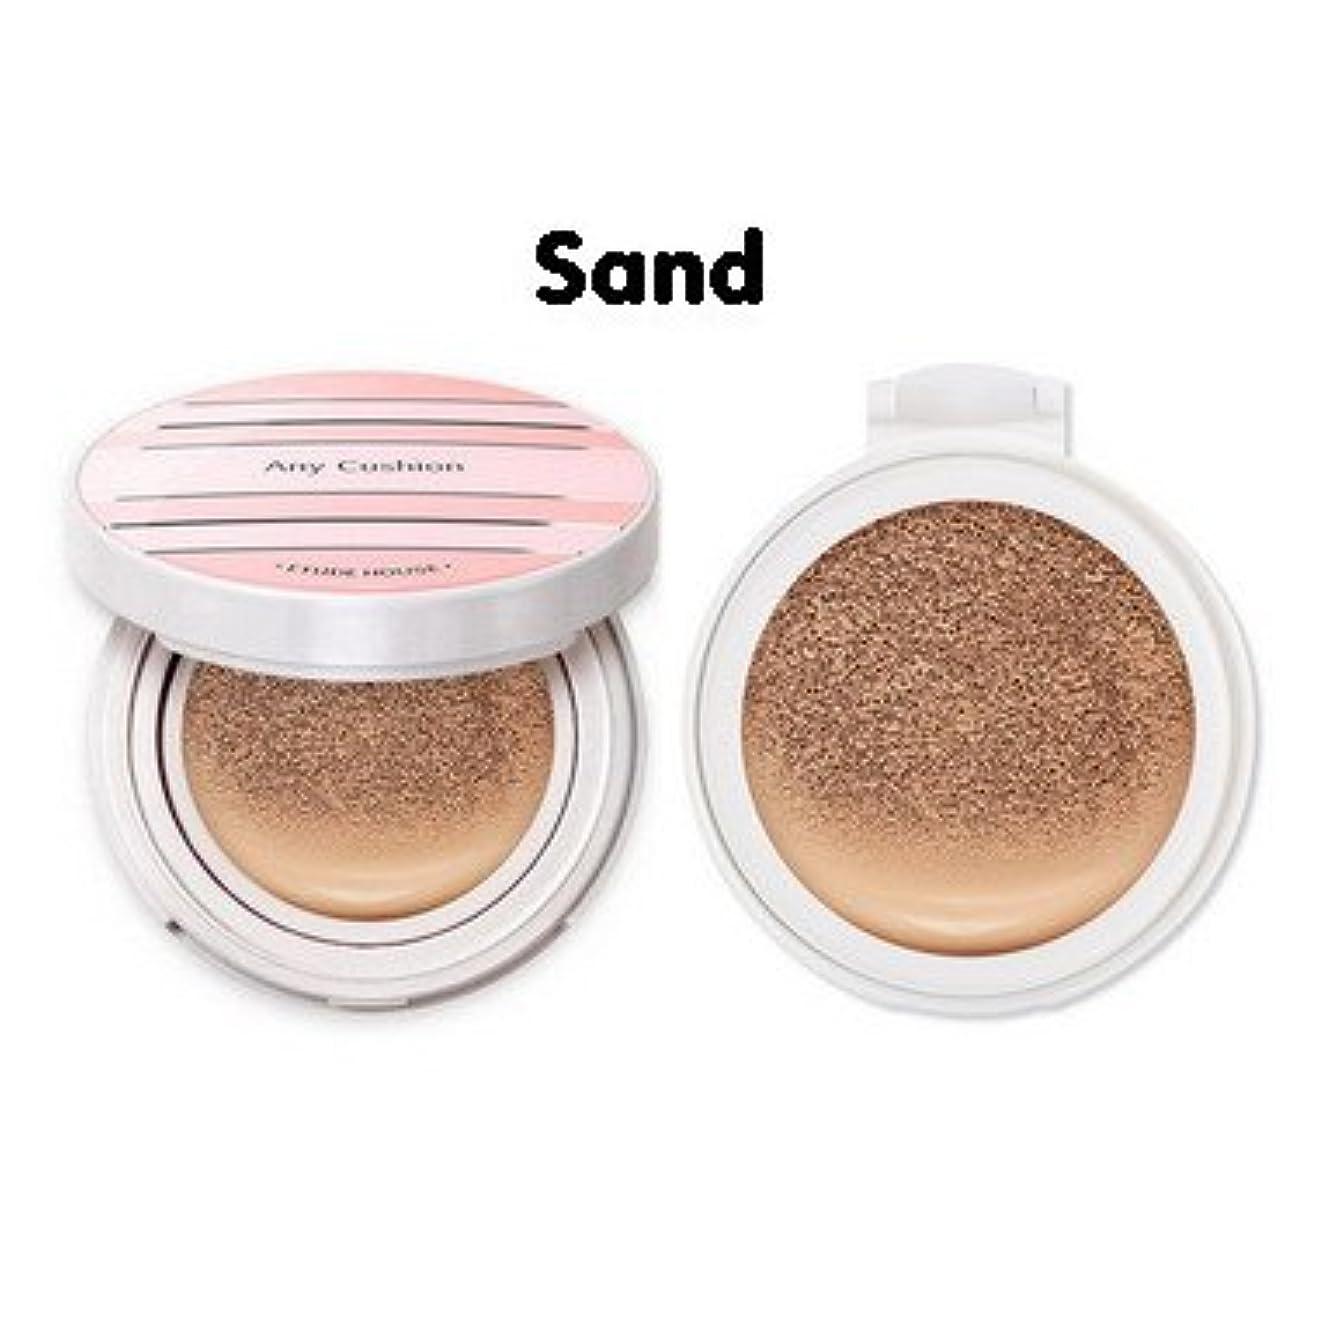 ランチ読むファセット【ETUDE HOUSE(エチュードハウス)】エニクッション オールデーパーフェクト15g+15g (本品+リフィル) (SPF50+/ PA+++) (6カラー選択1) (Sand) [並行輸入品]